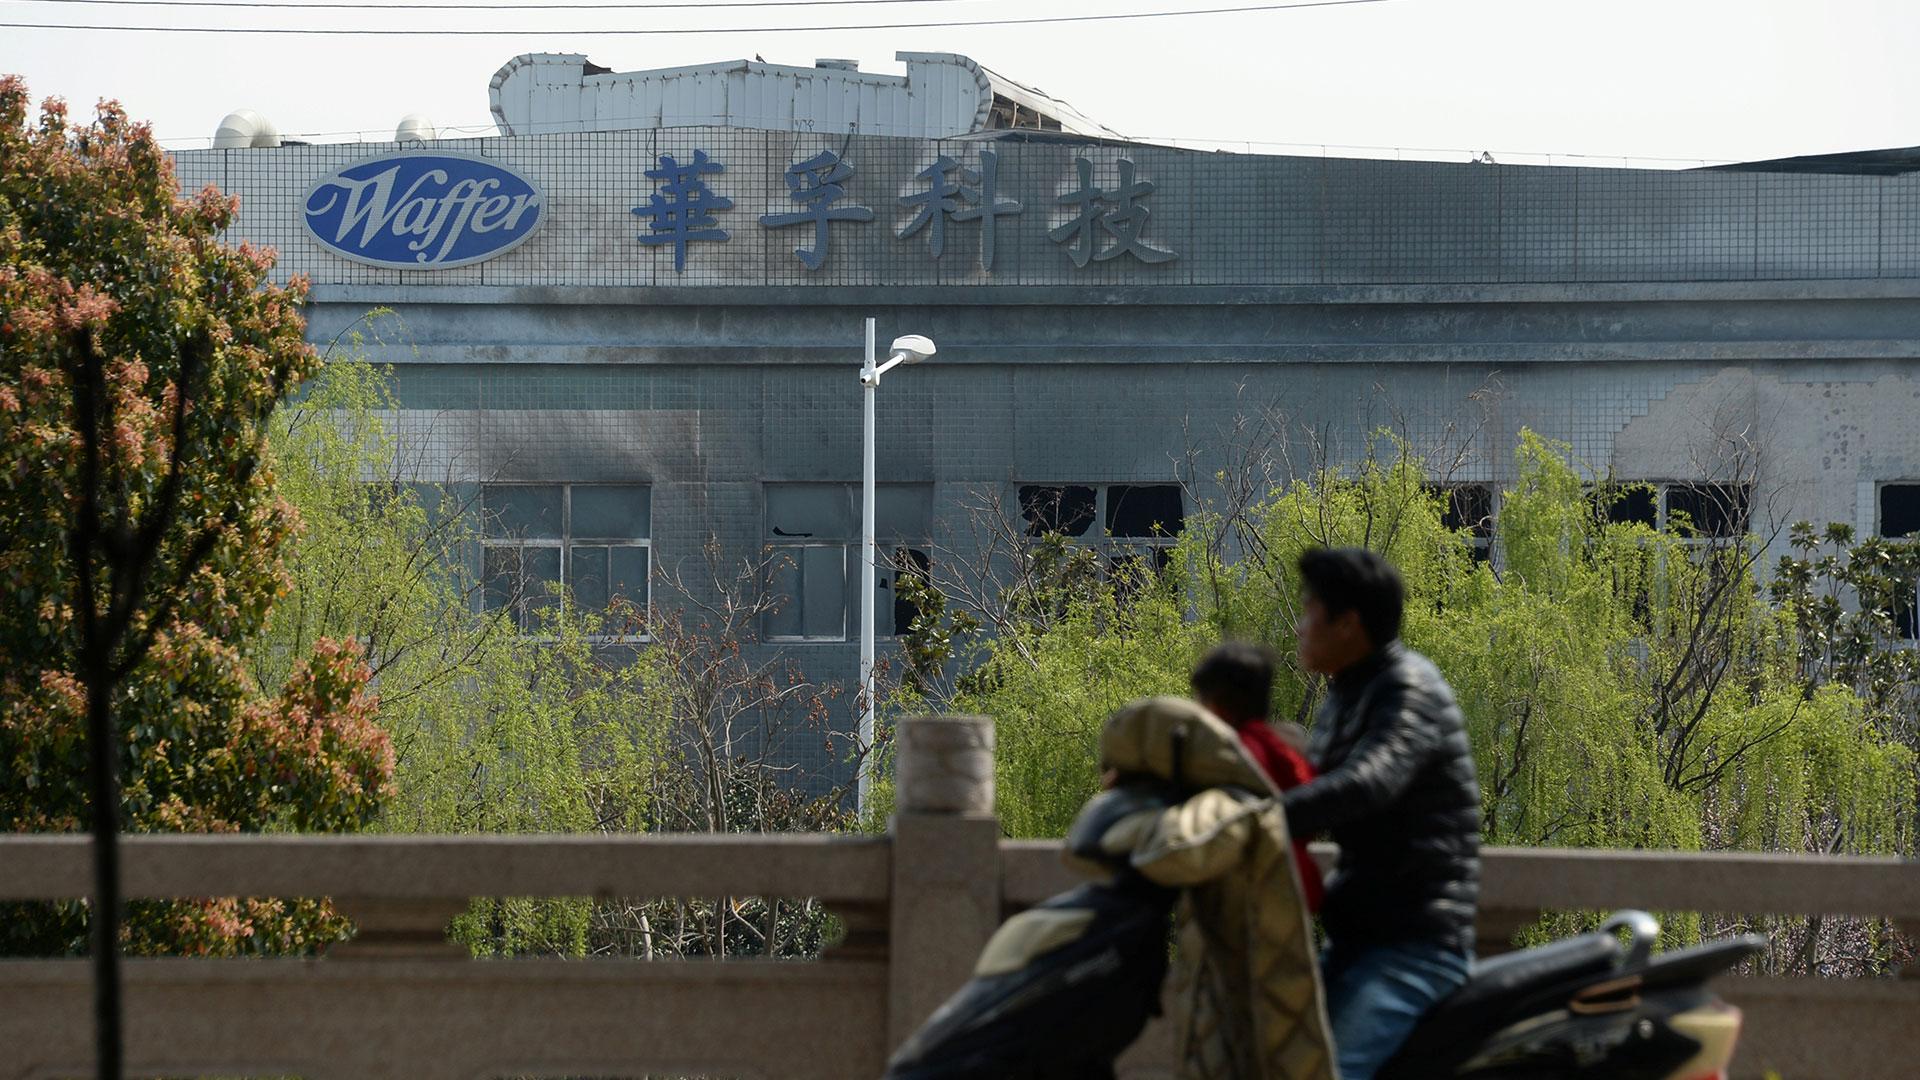 Así quedó el frente de la empresa Waffer tras la explosión (Reuters)